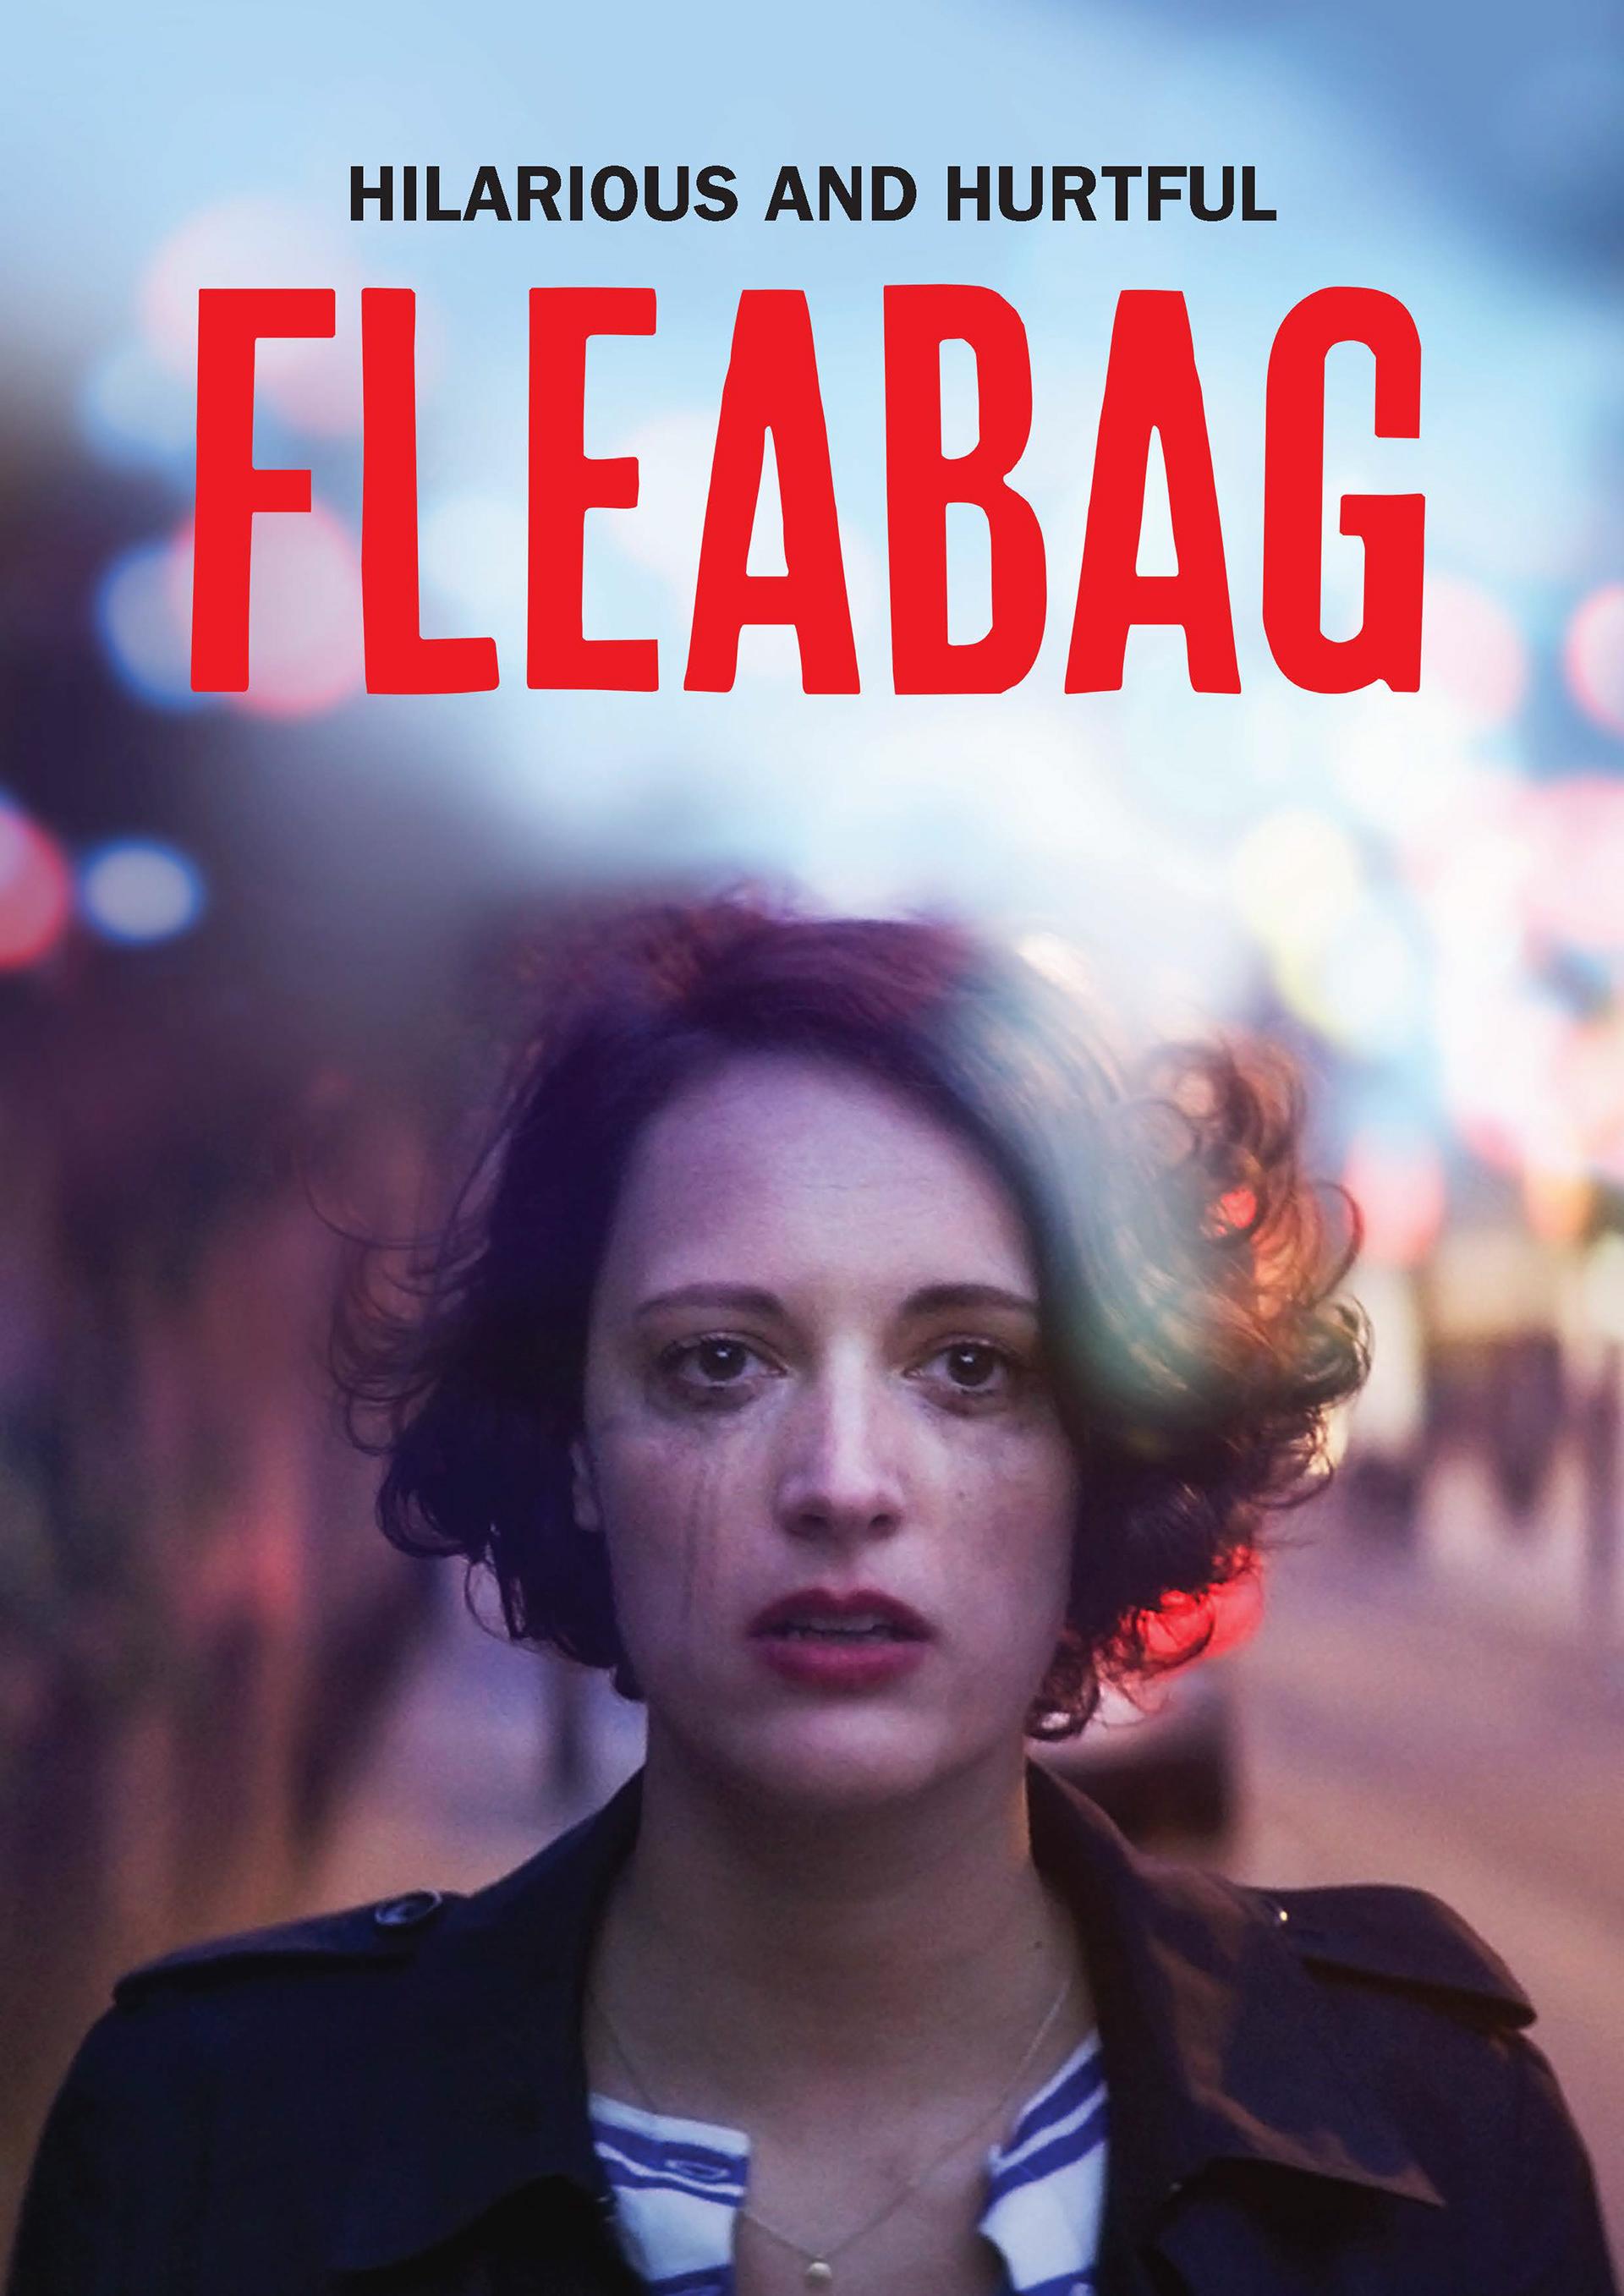 Flea bag - The Grown Up Edit.jpg